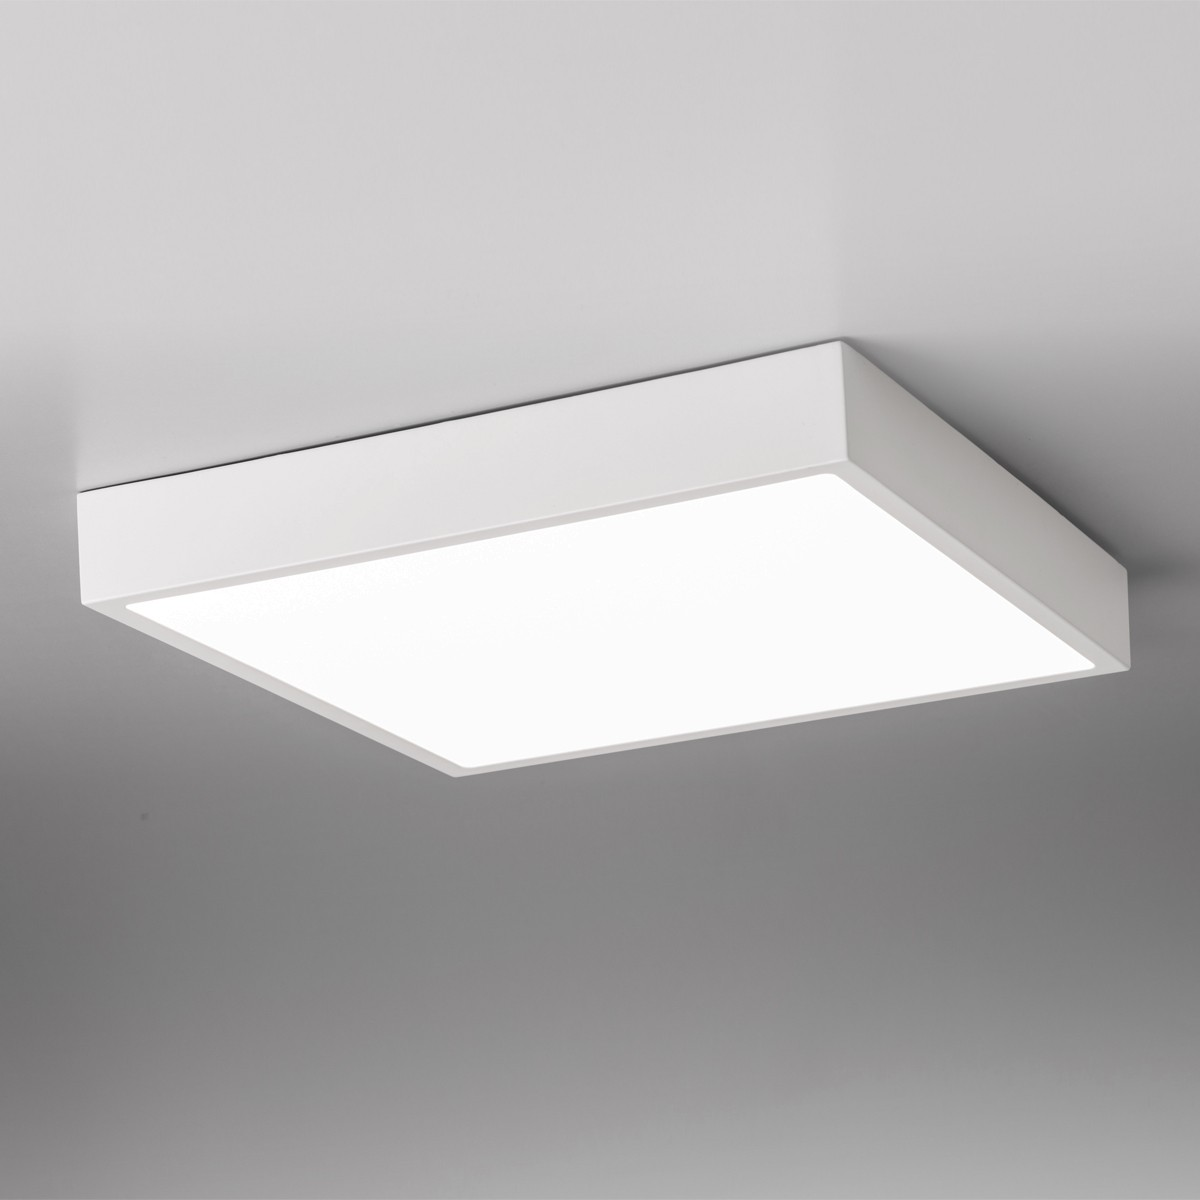 Lupia Licht Venox Deckenleuchte, 30 x 30 cm, weiß